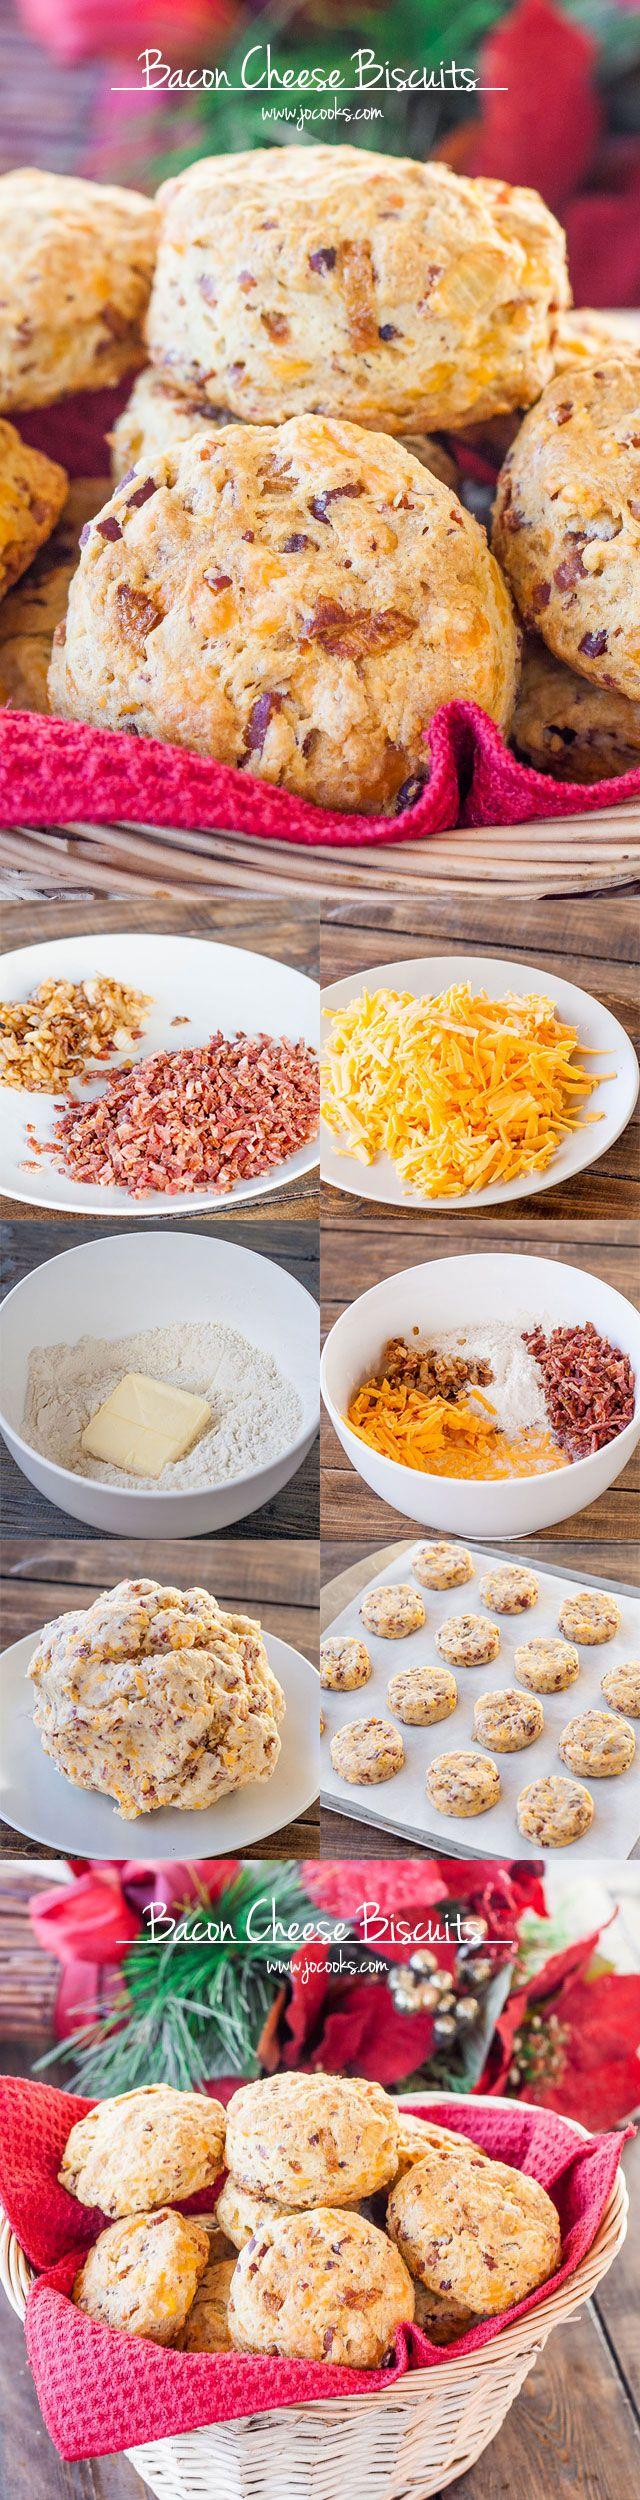 Bacon Cheddar Kekse - leckere,herzhafte Kekse gefüllt mit Bacon, Zwiebeln uhd Cheddar-Käse.